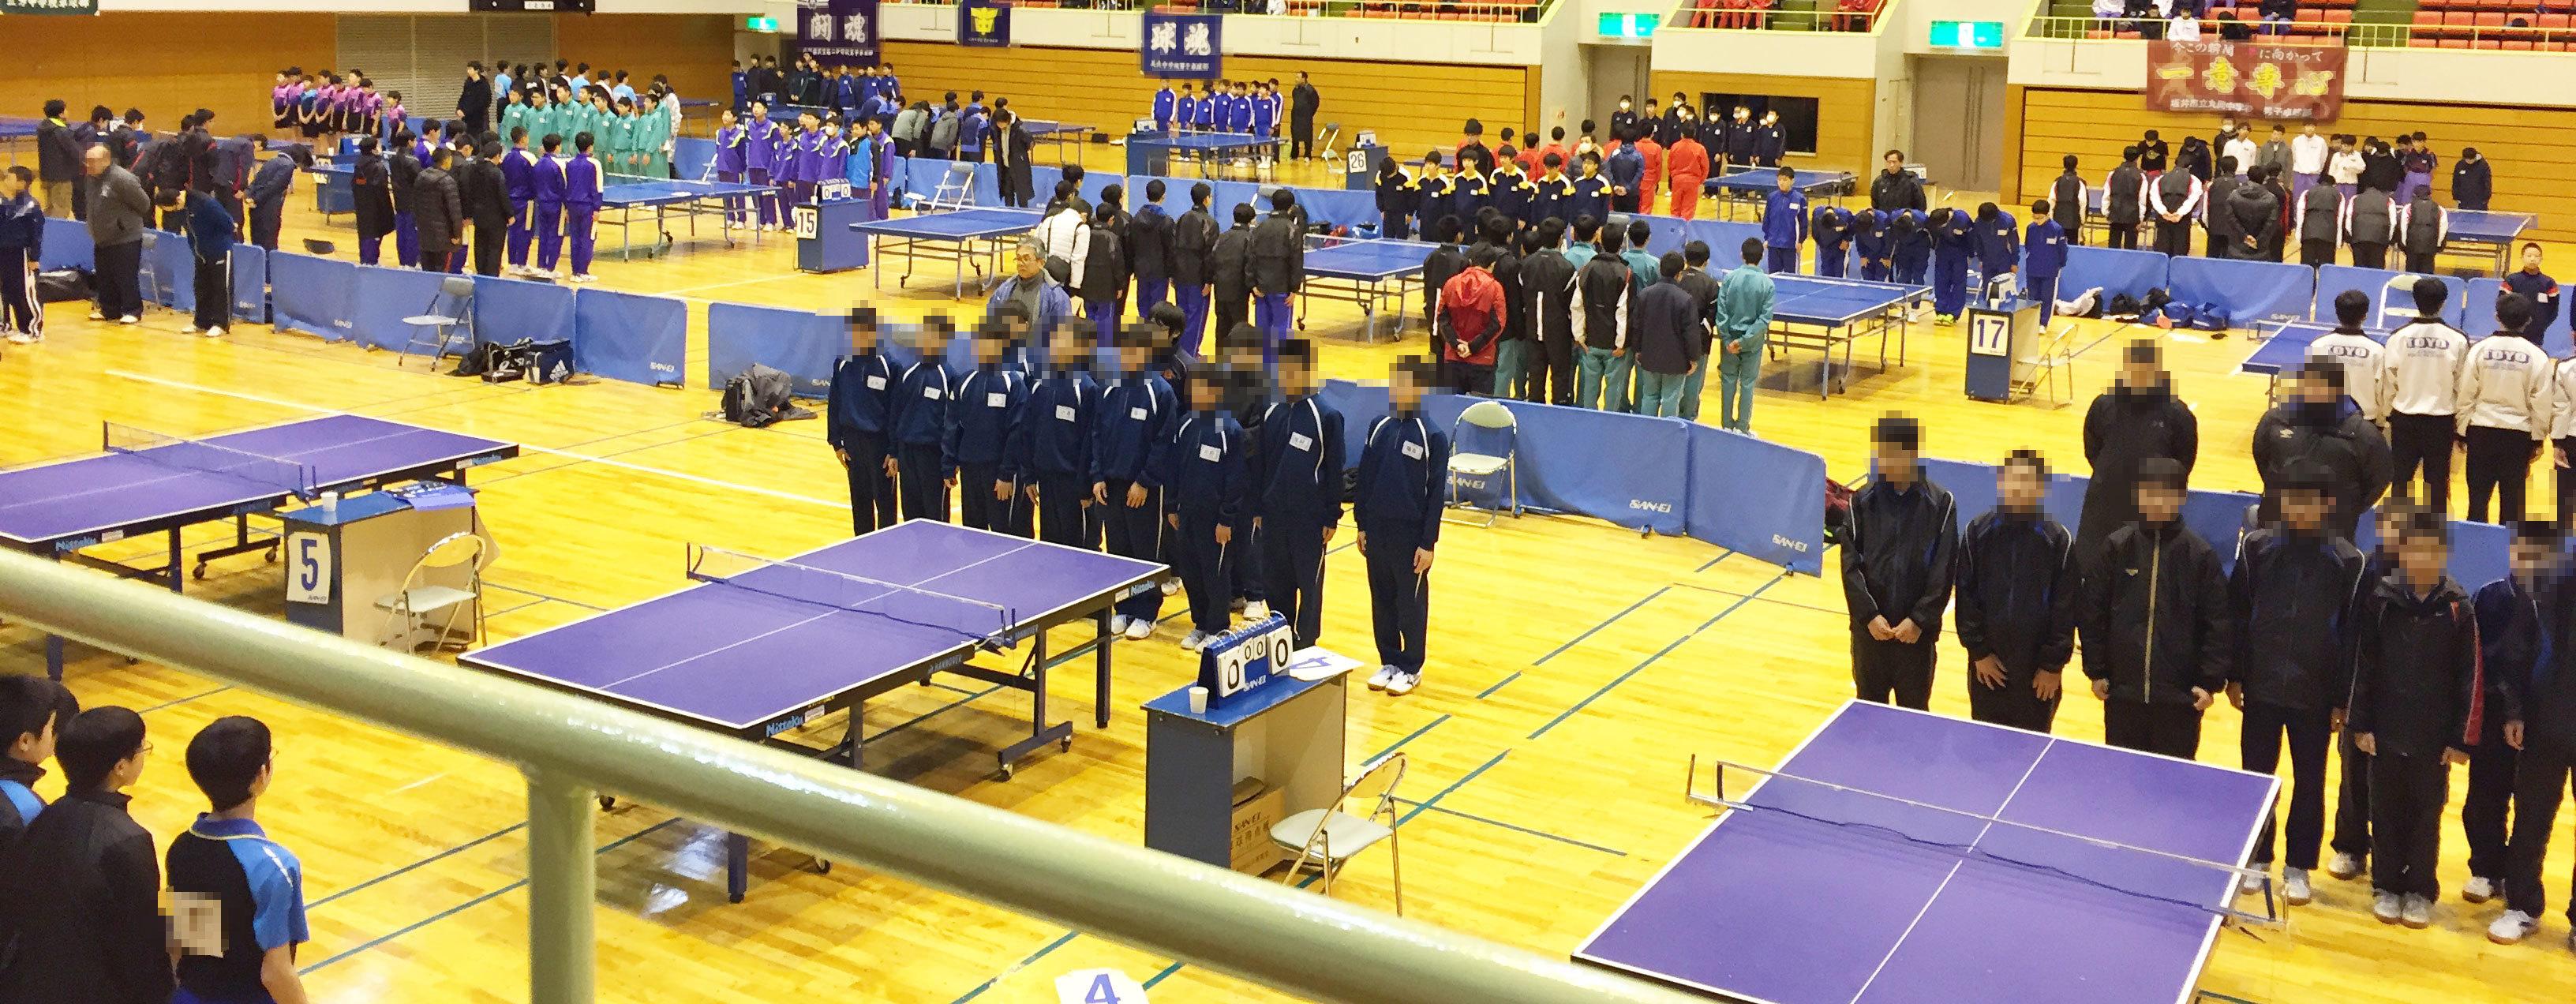 20180108_中学生卓球大会(全国予選会)00